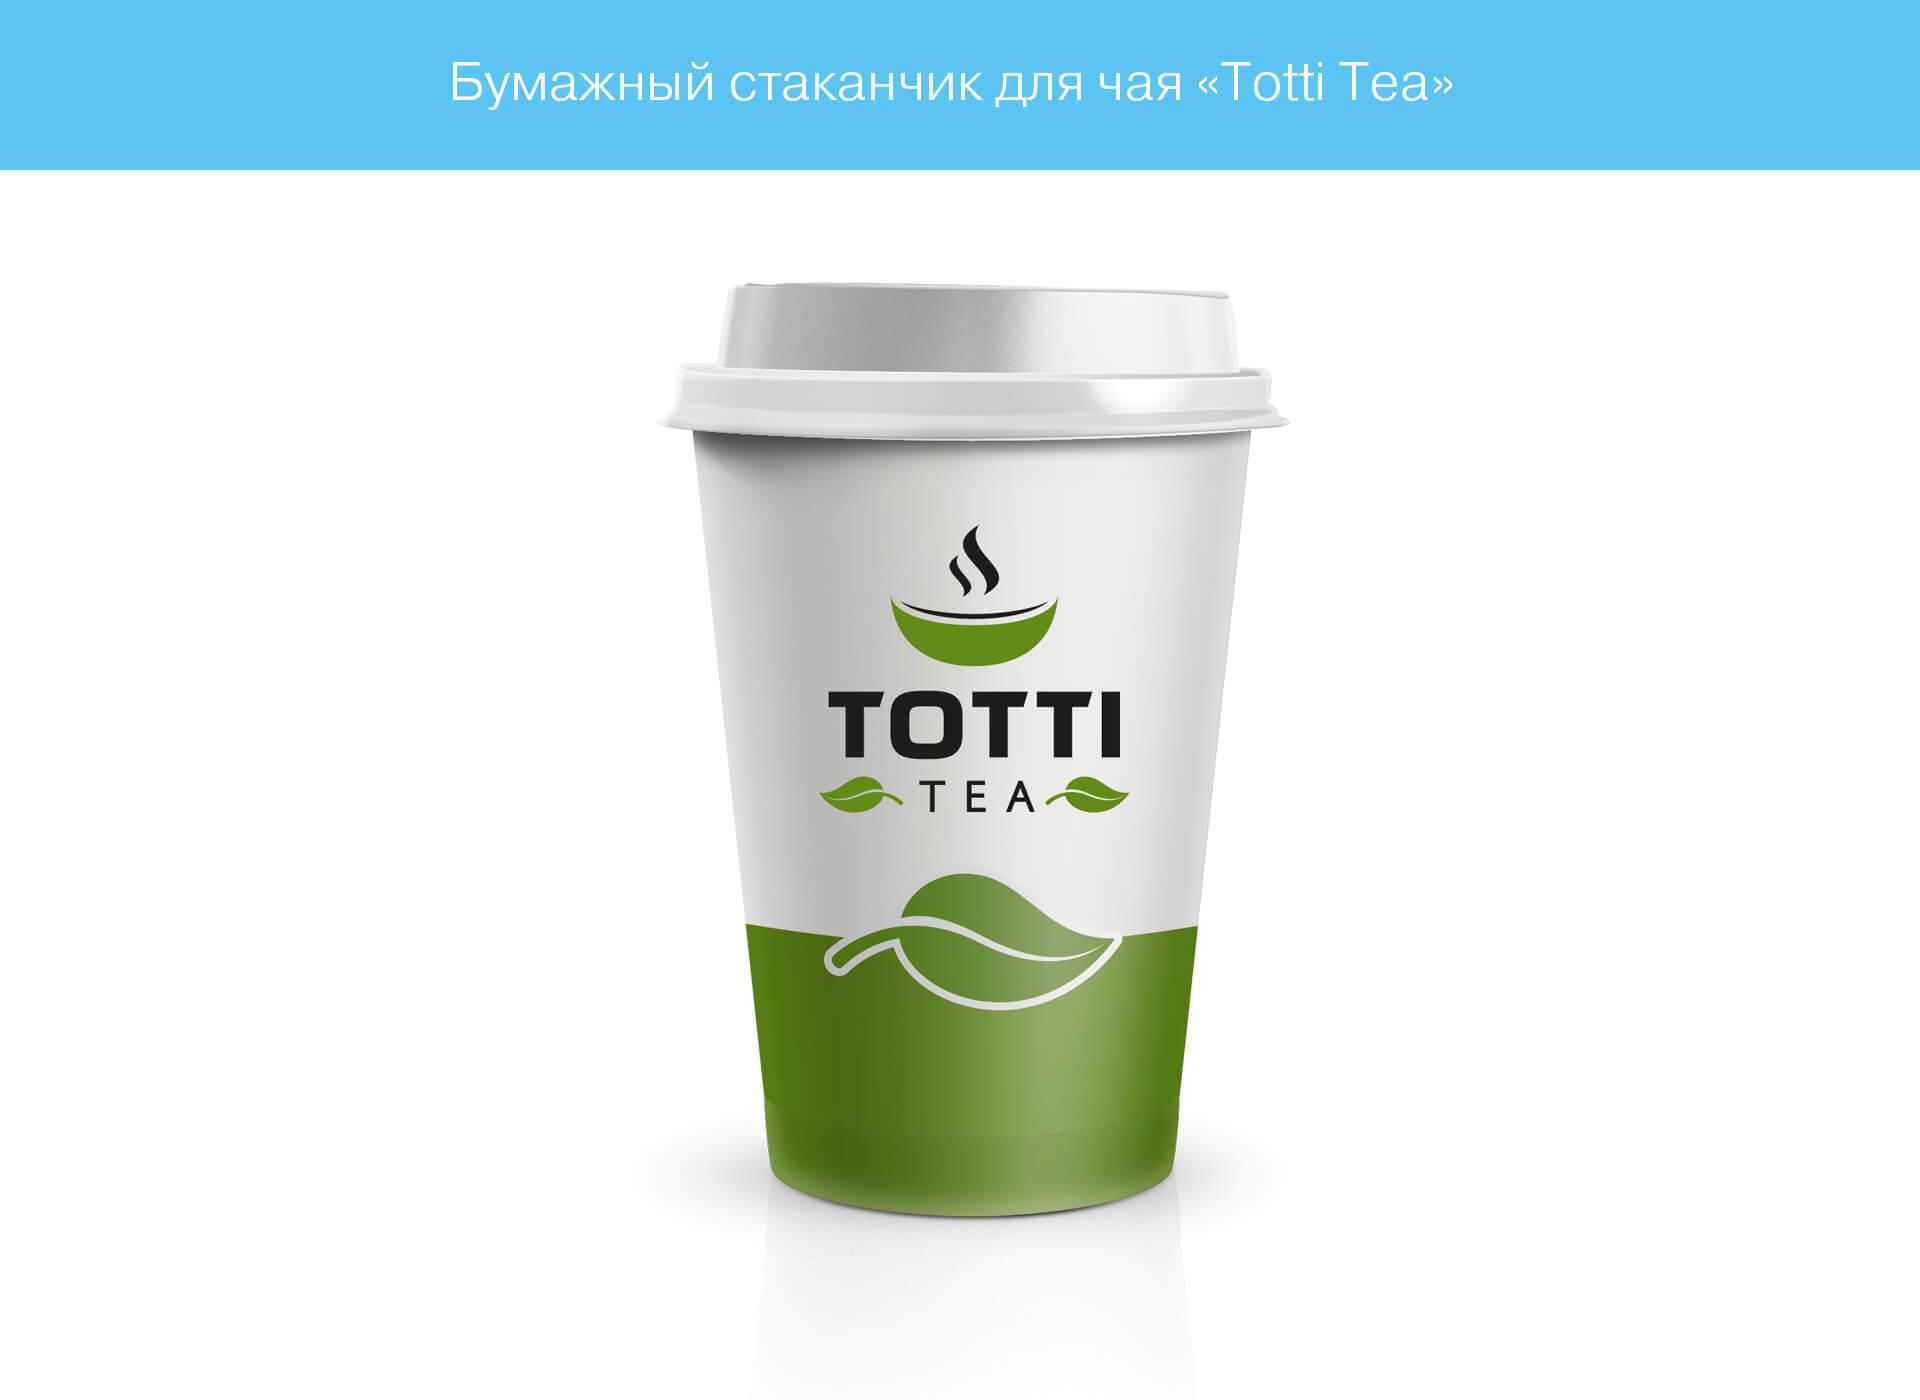 prokochuk_irina_paper-cups_strauss_1